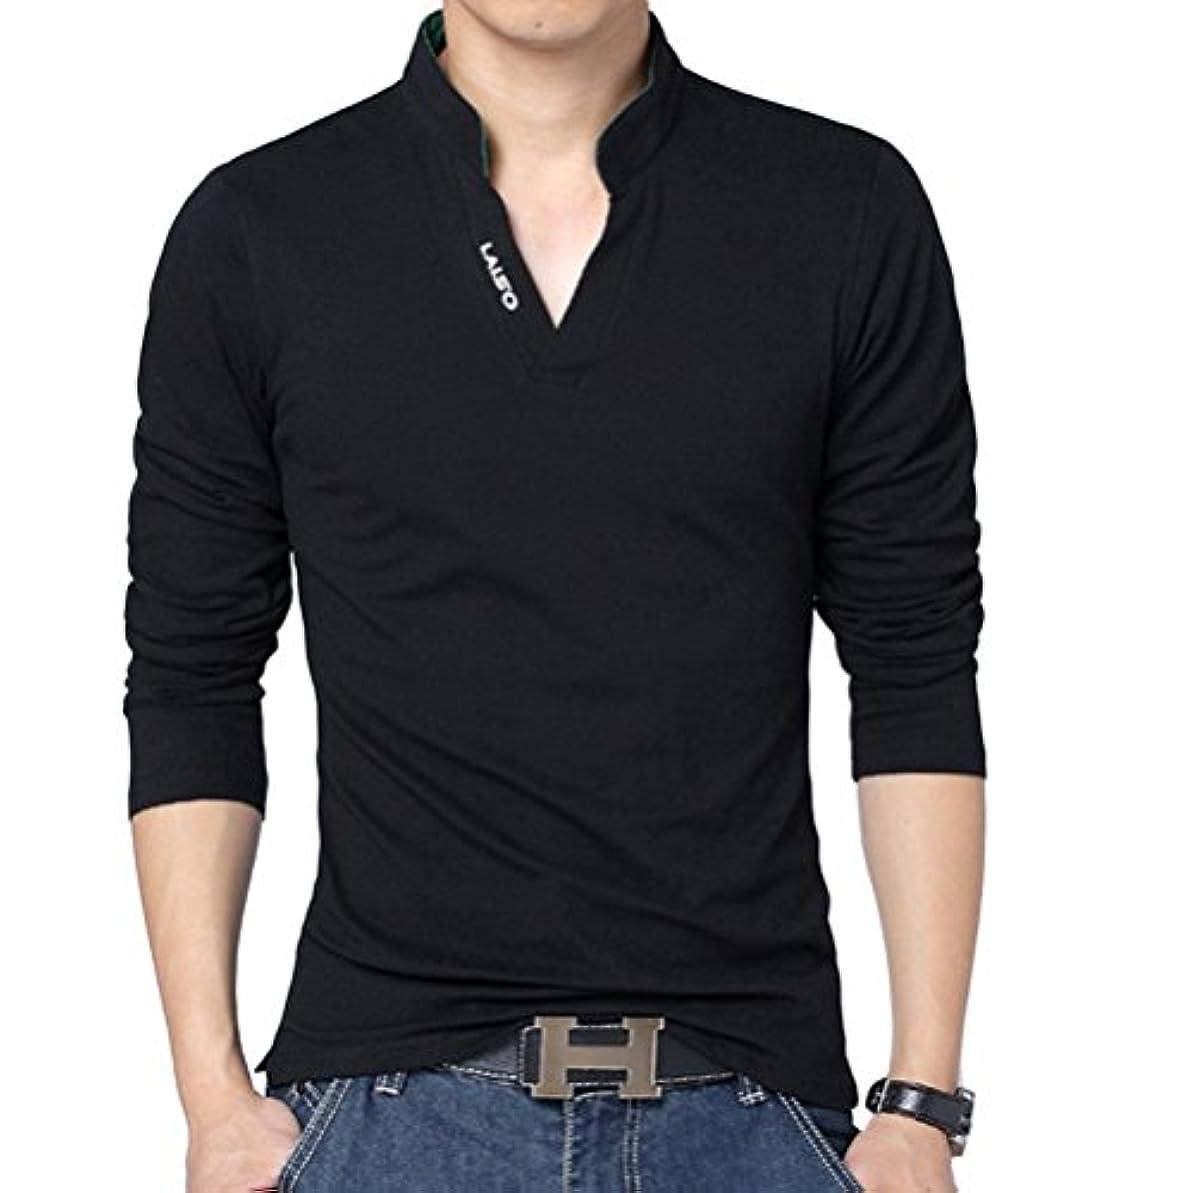 プレビスサイトスナッチ敷居輝姫 ブラウス メンズ 長袖 ファッション カジュアル 無地 シャツ タイト トップス  vネック トップス (XL, ブラック)